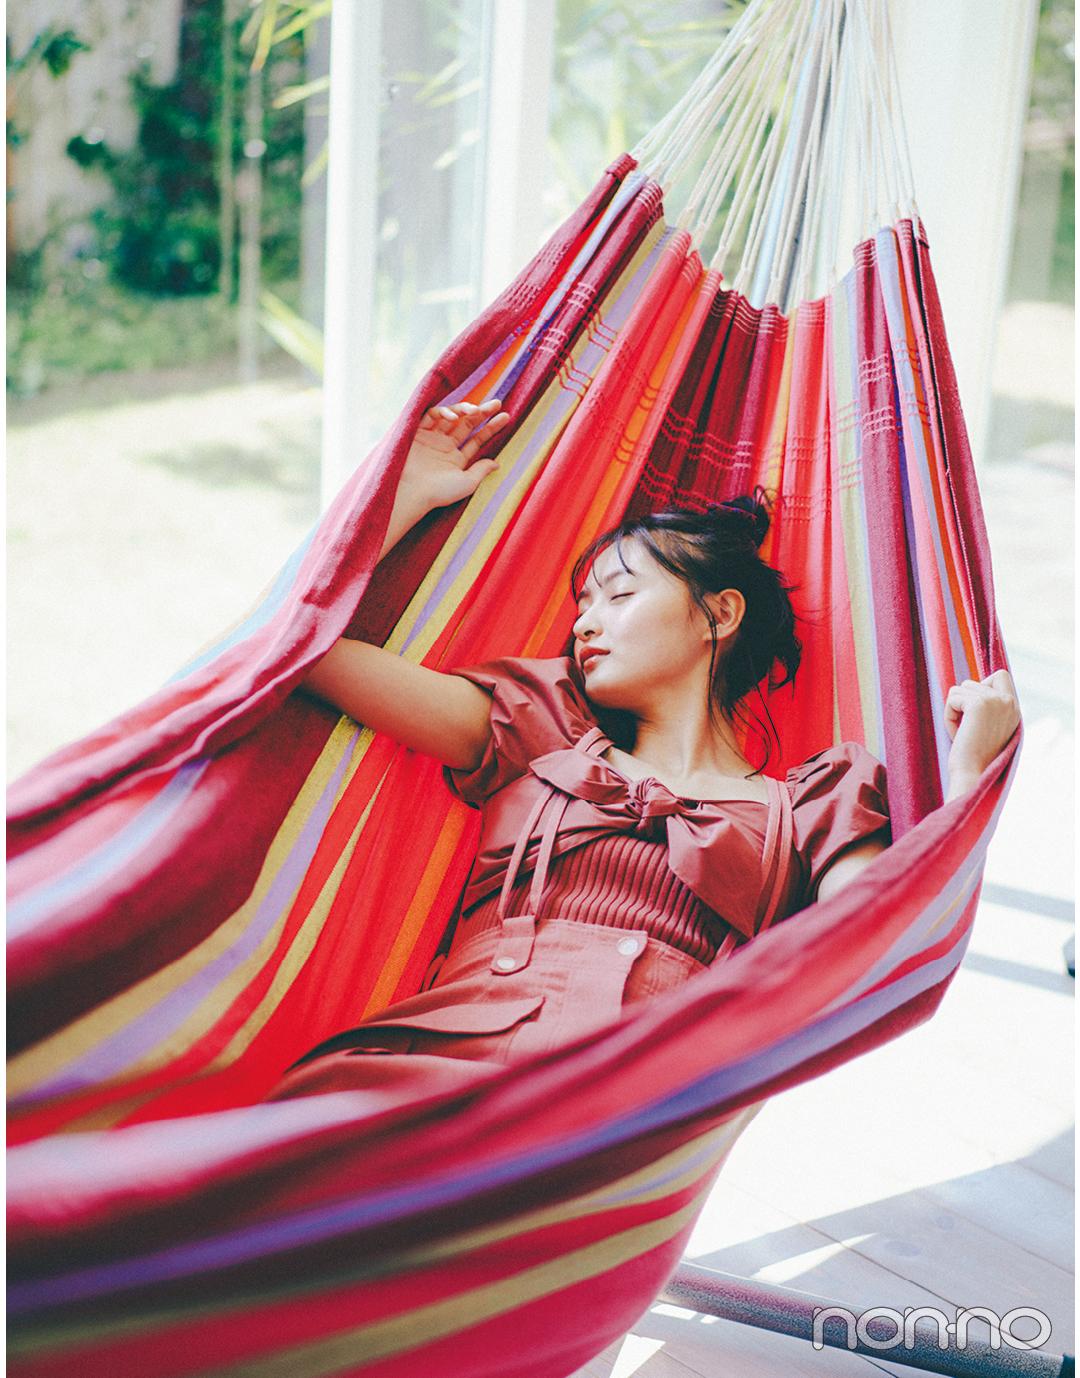 新ヒロイン誕生! 遠藤さくら主演「夏のピンクはエモーショナル」【vol.2】 _1_3